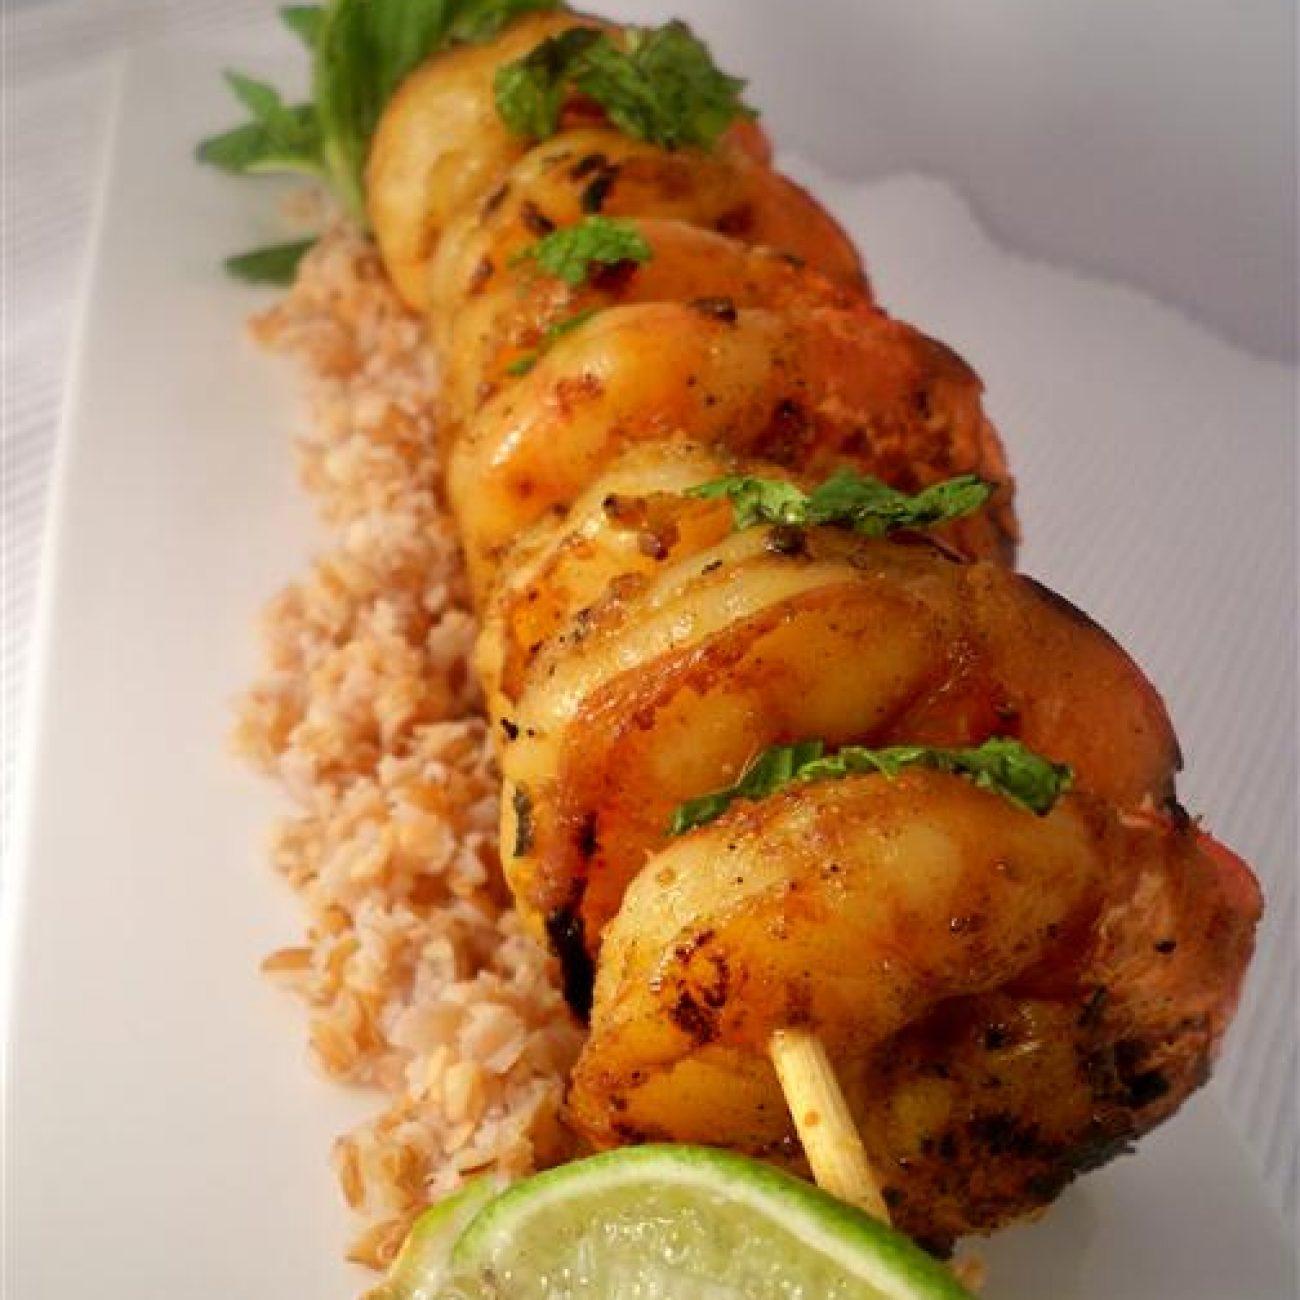 Curry Shrimp with Bulgur Wheat